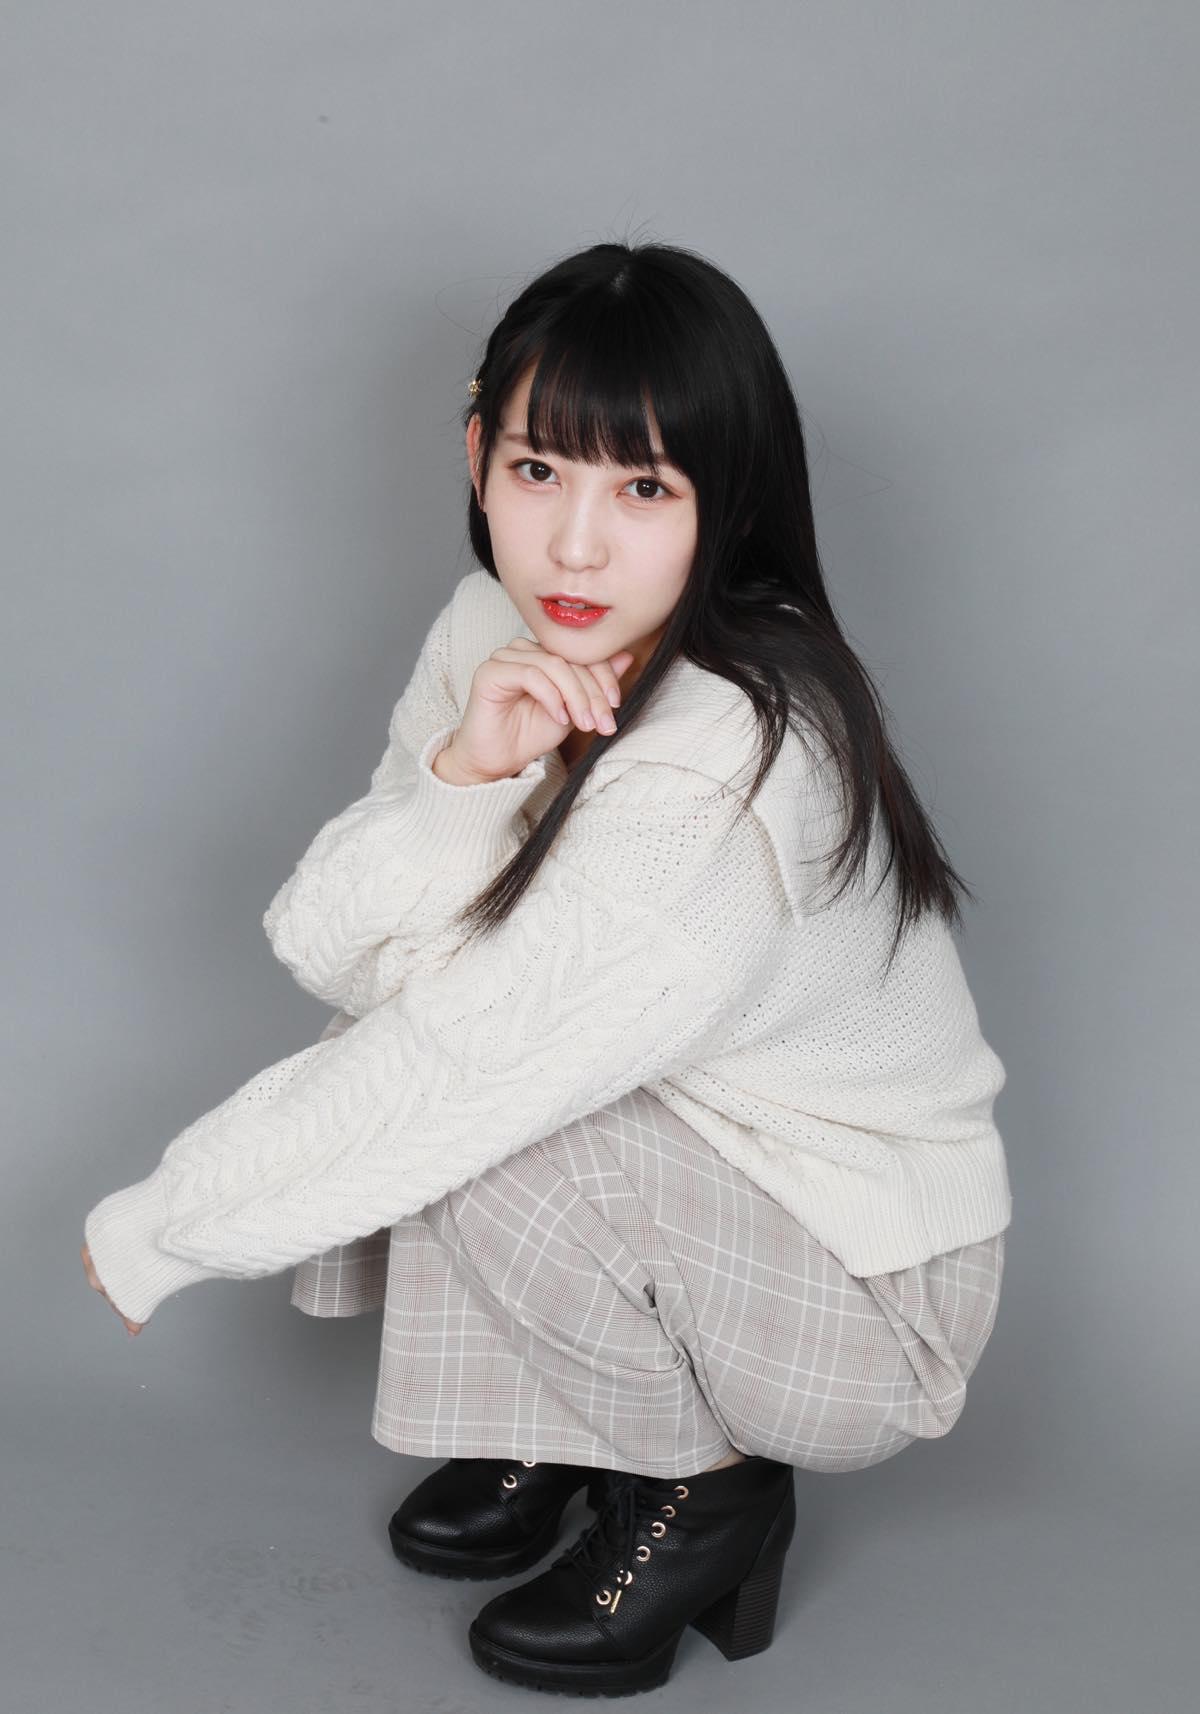 高木由莉愛の画像35